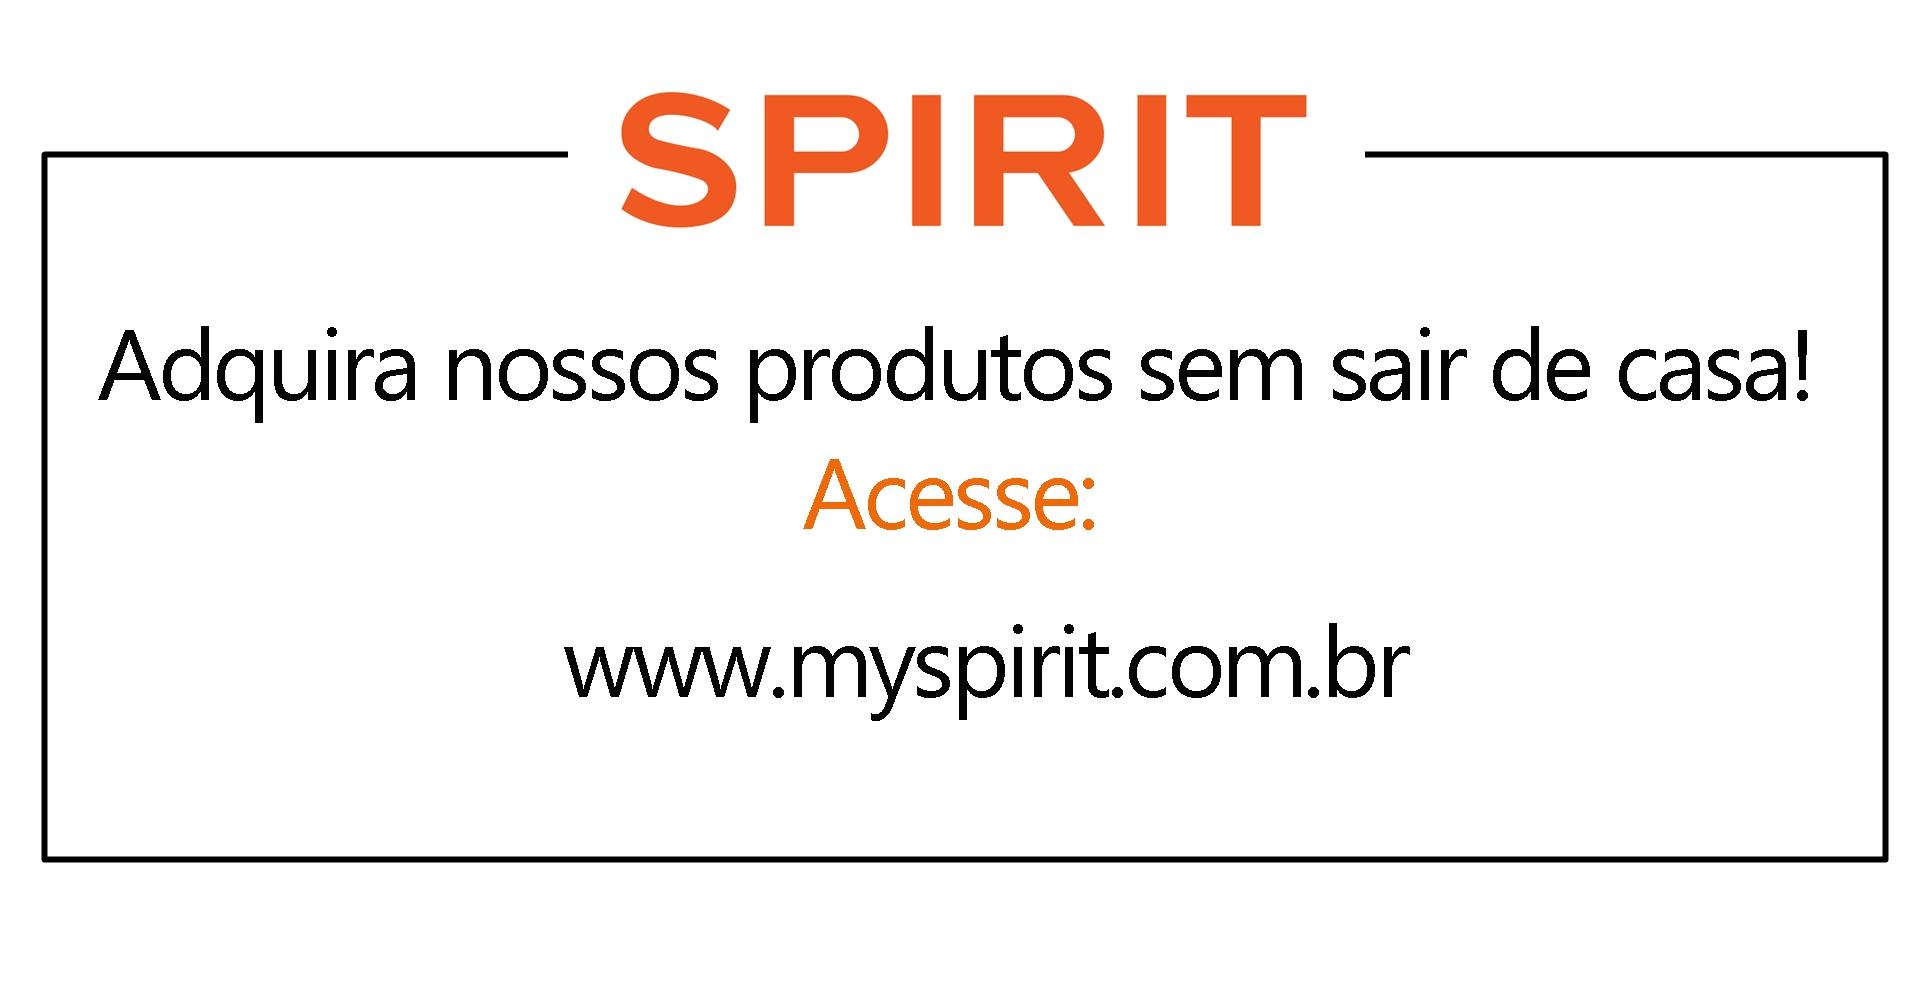 Ventilador de teto Spirit - Blog Myspirit - banner site Spirit - dicas de decoração